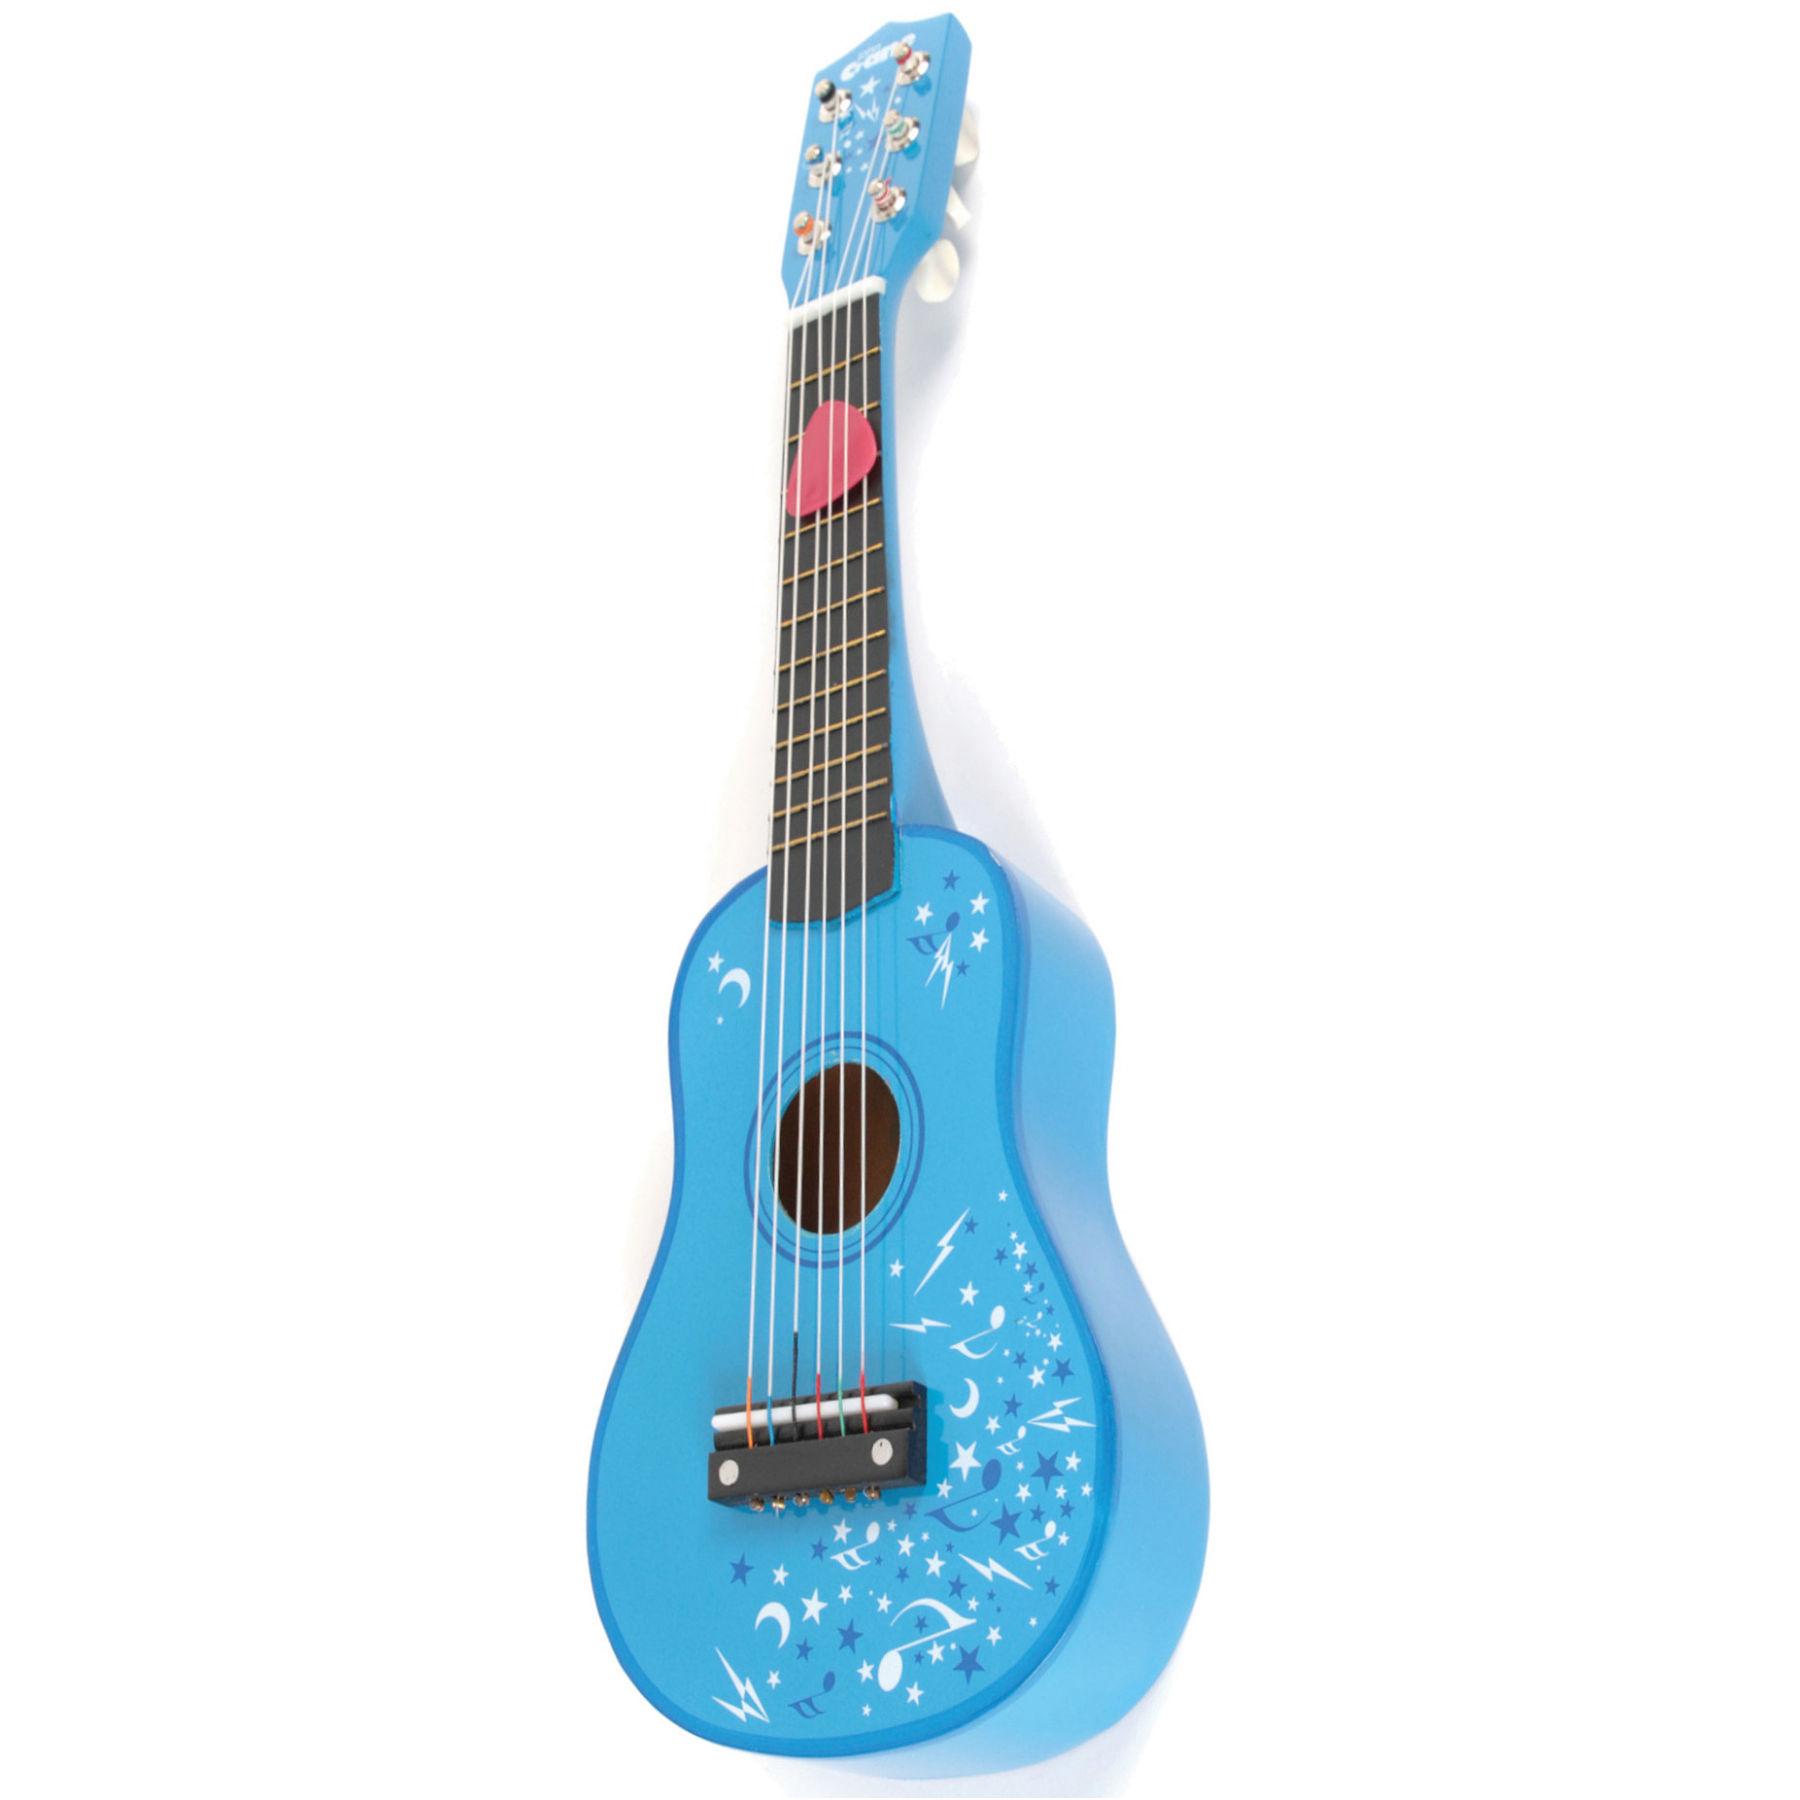 Gitara pre deti klasické modré 53 cm drevo